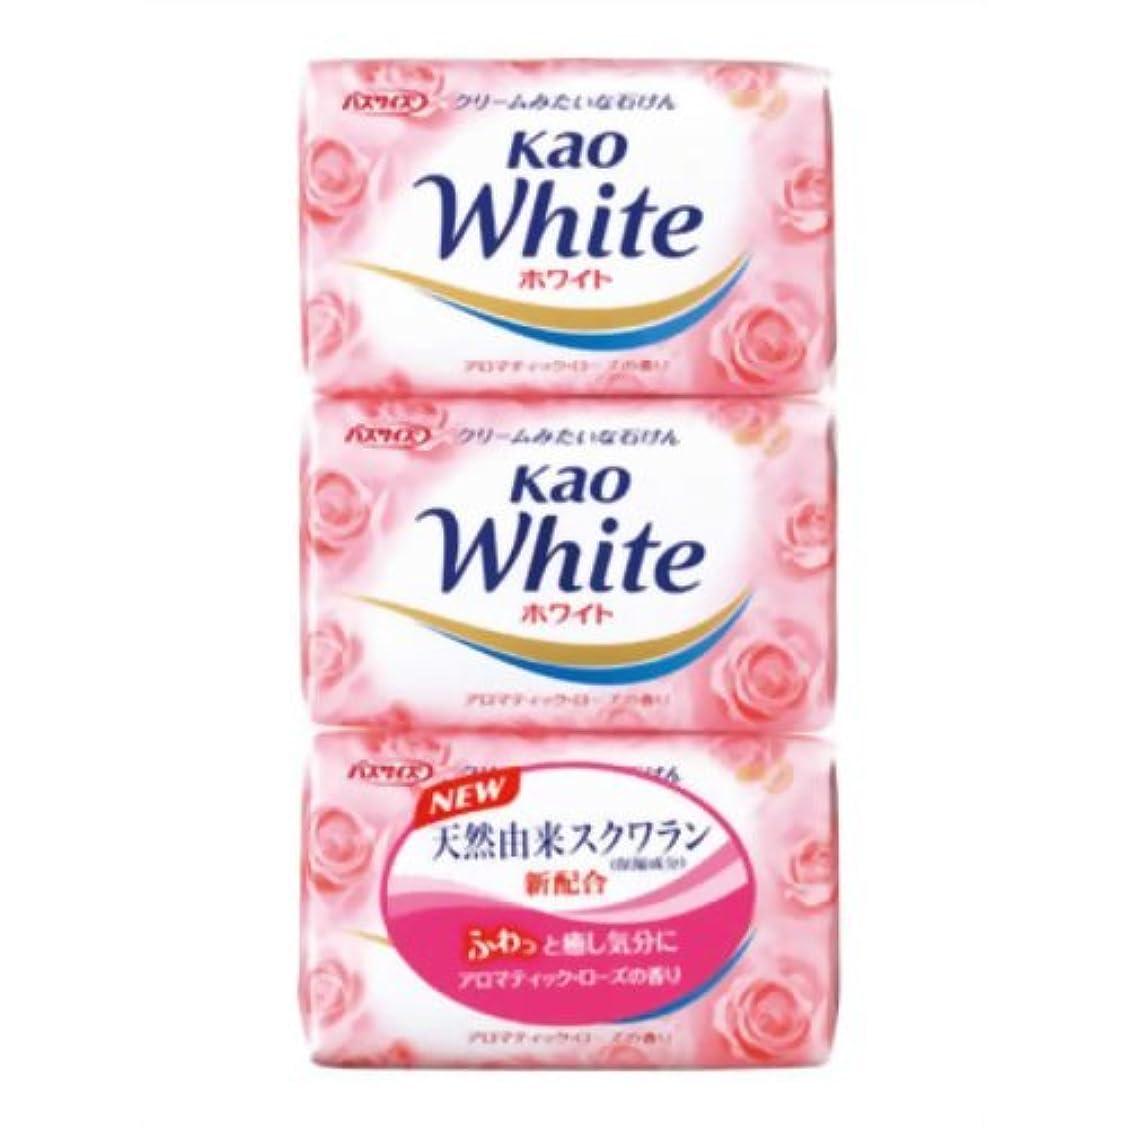 条約天のアルカイック花王ホワイト アロマティックローズの香り バスサイズ 130g*3個入